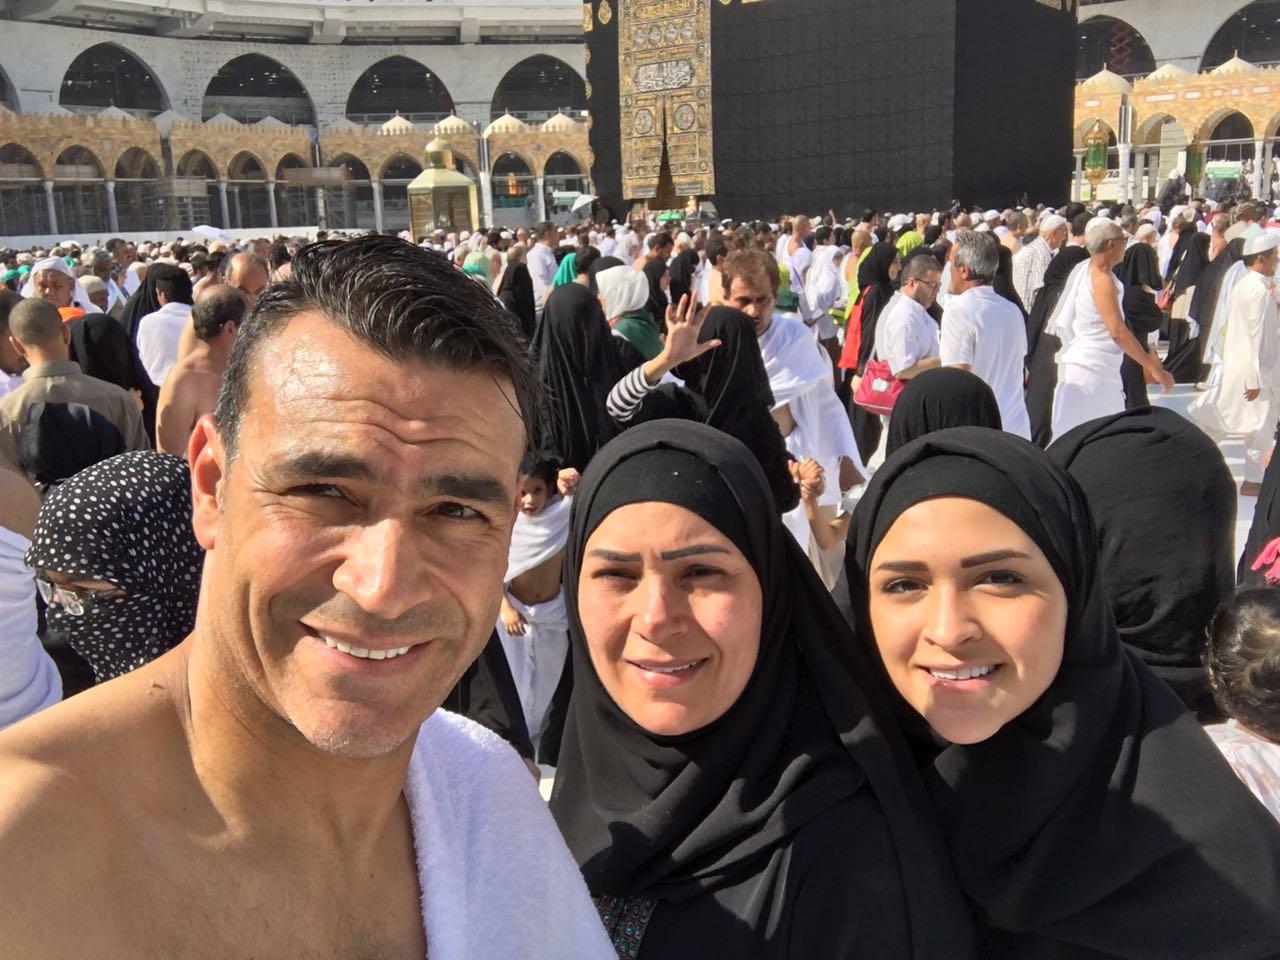 الحضرى مع زوجته وإبنته خلال أداء العمرة